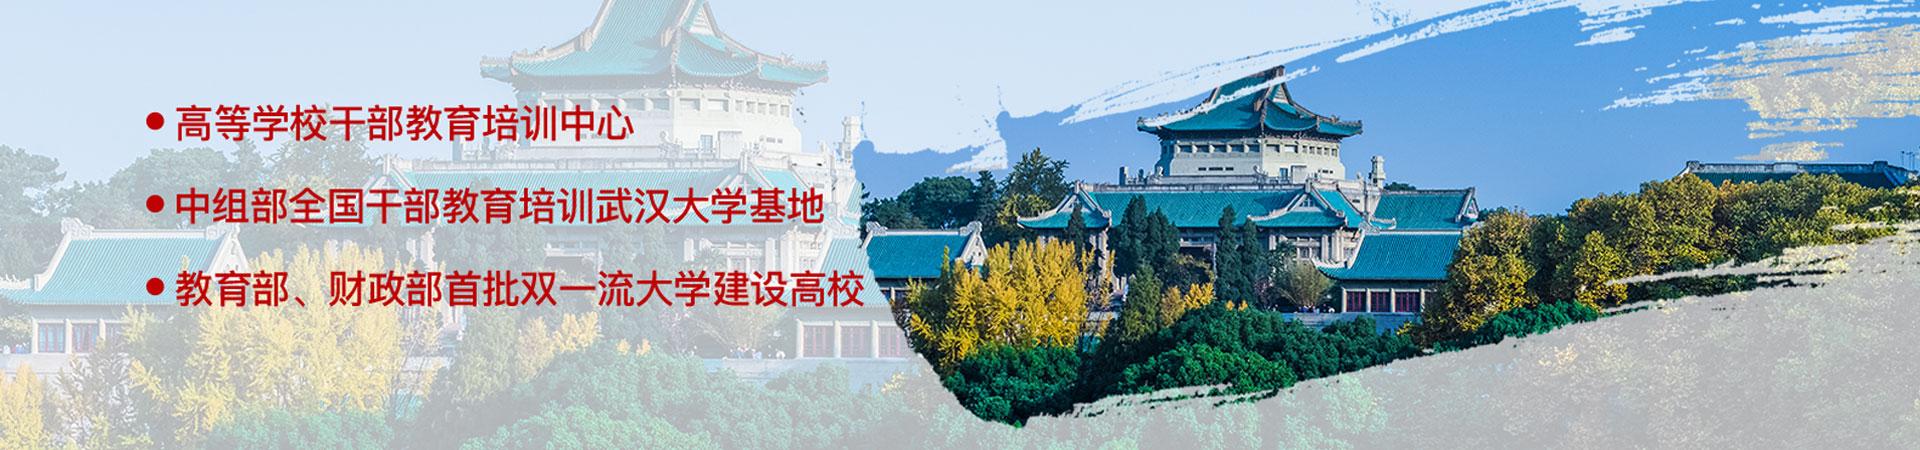 武汉大学干部培训